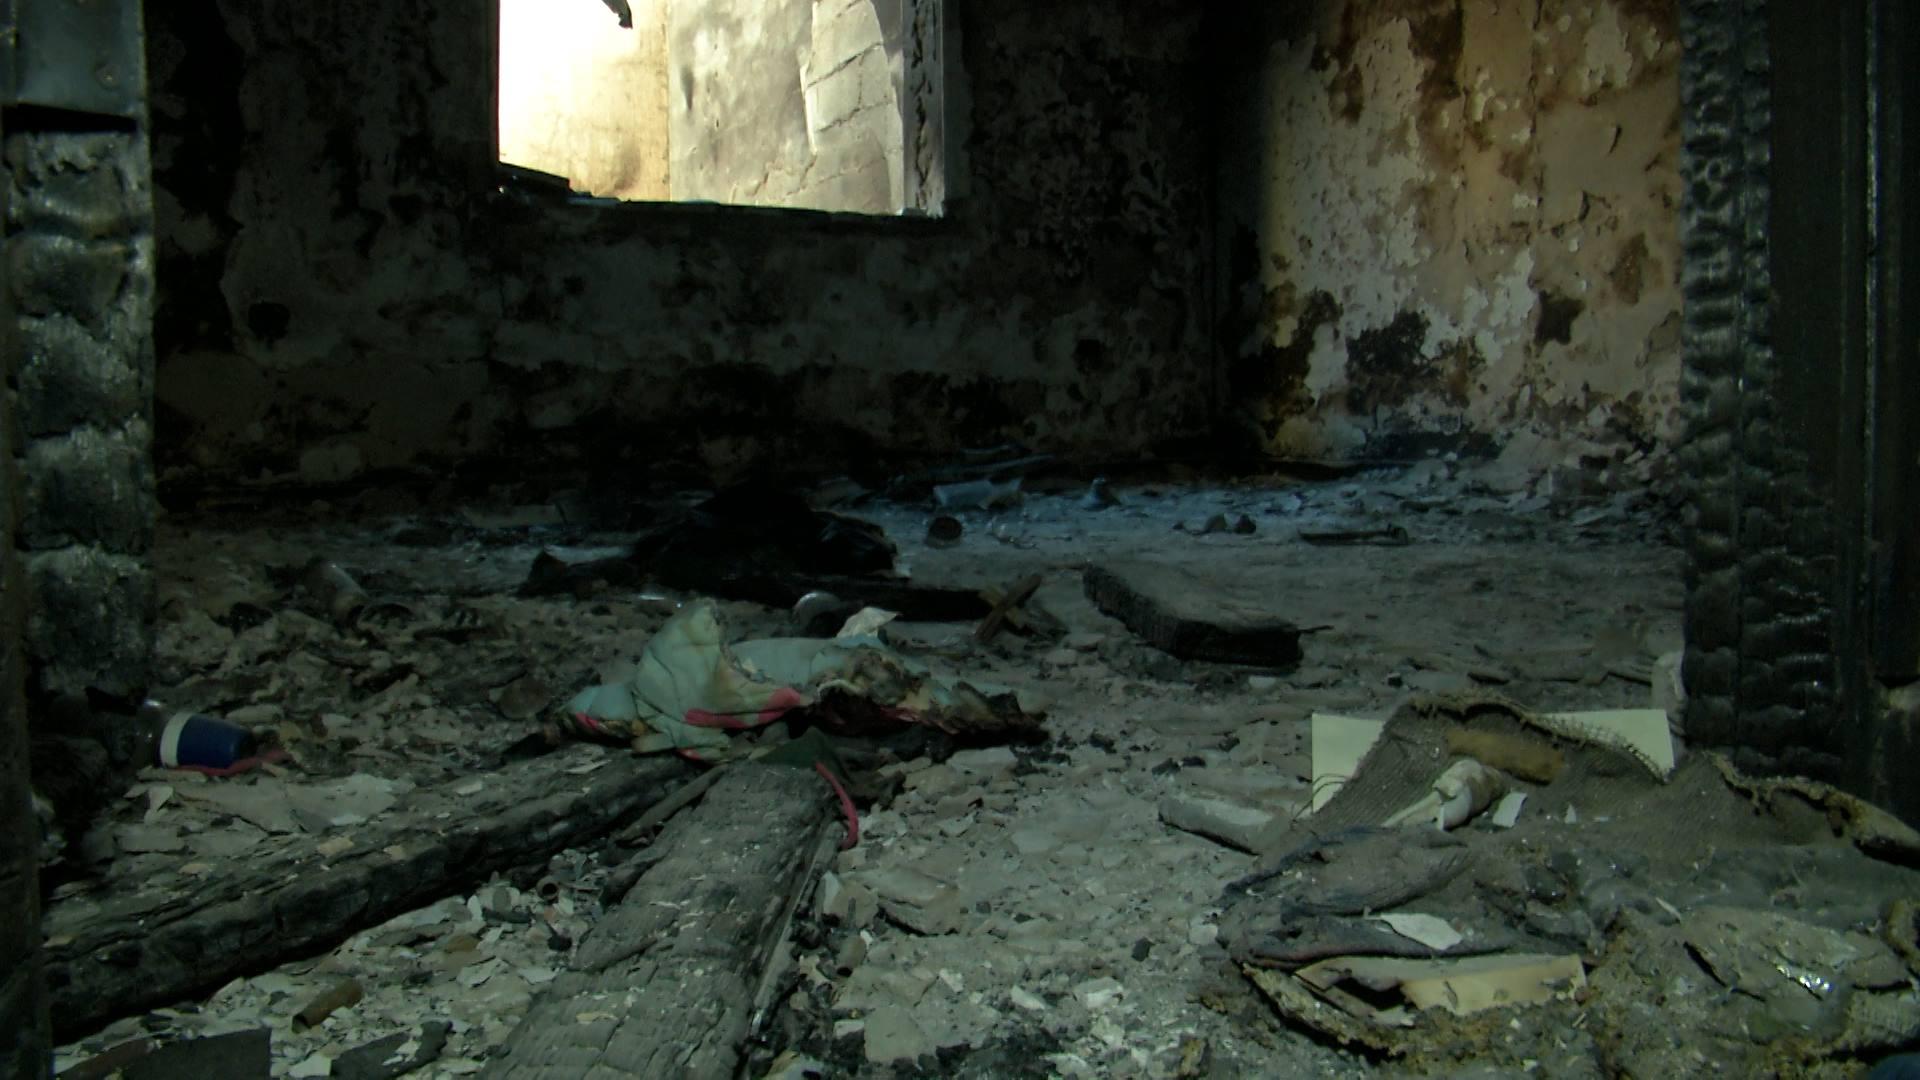 أحد الأمكنة التي تم حرق النساء فيها بحسب زرواطي